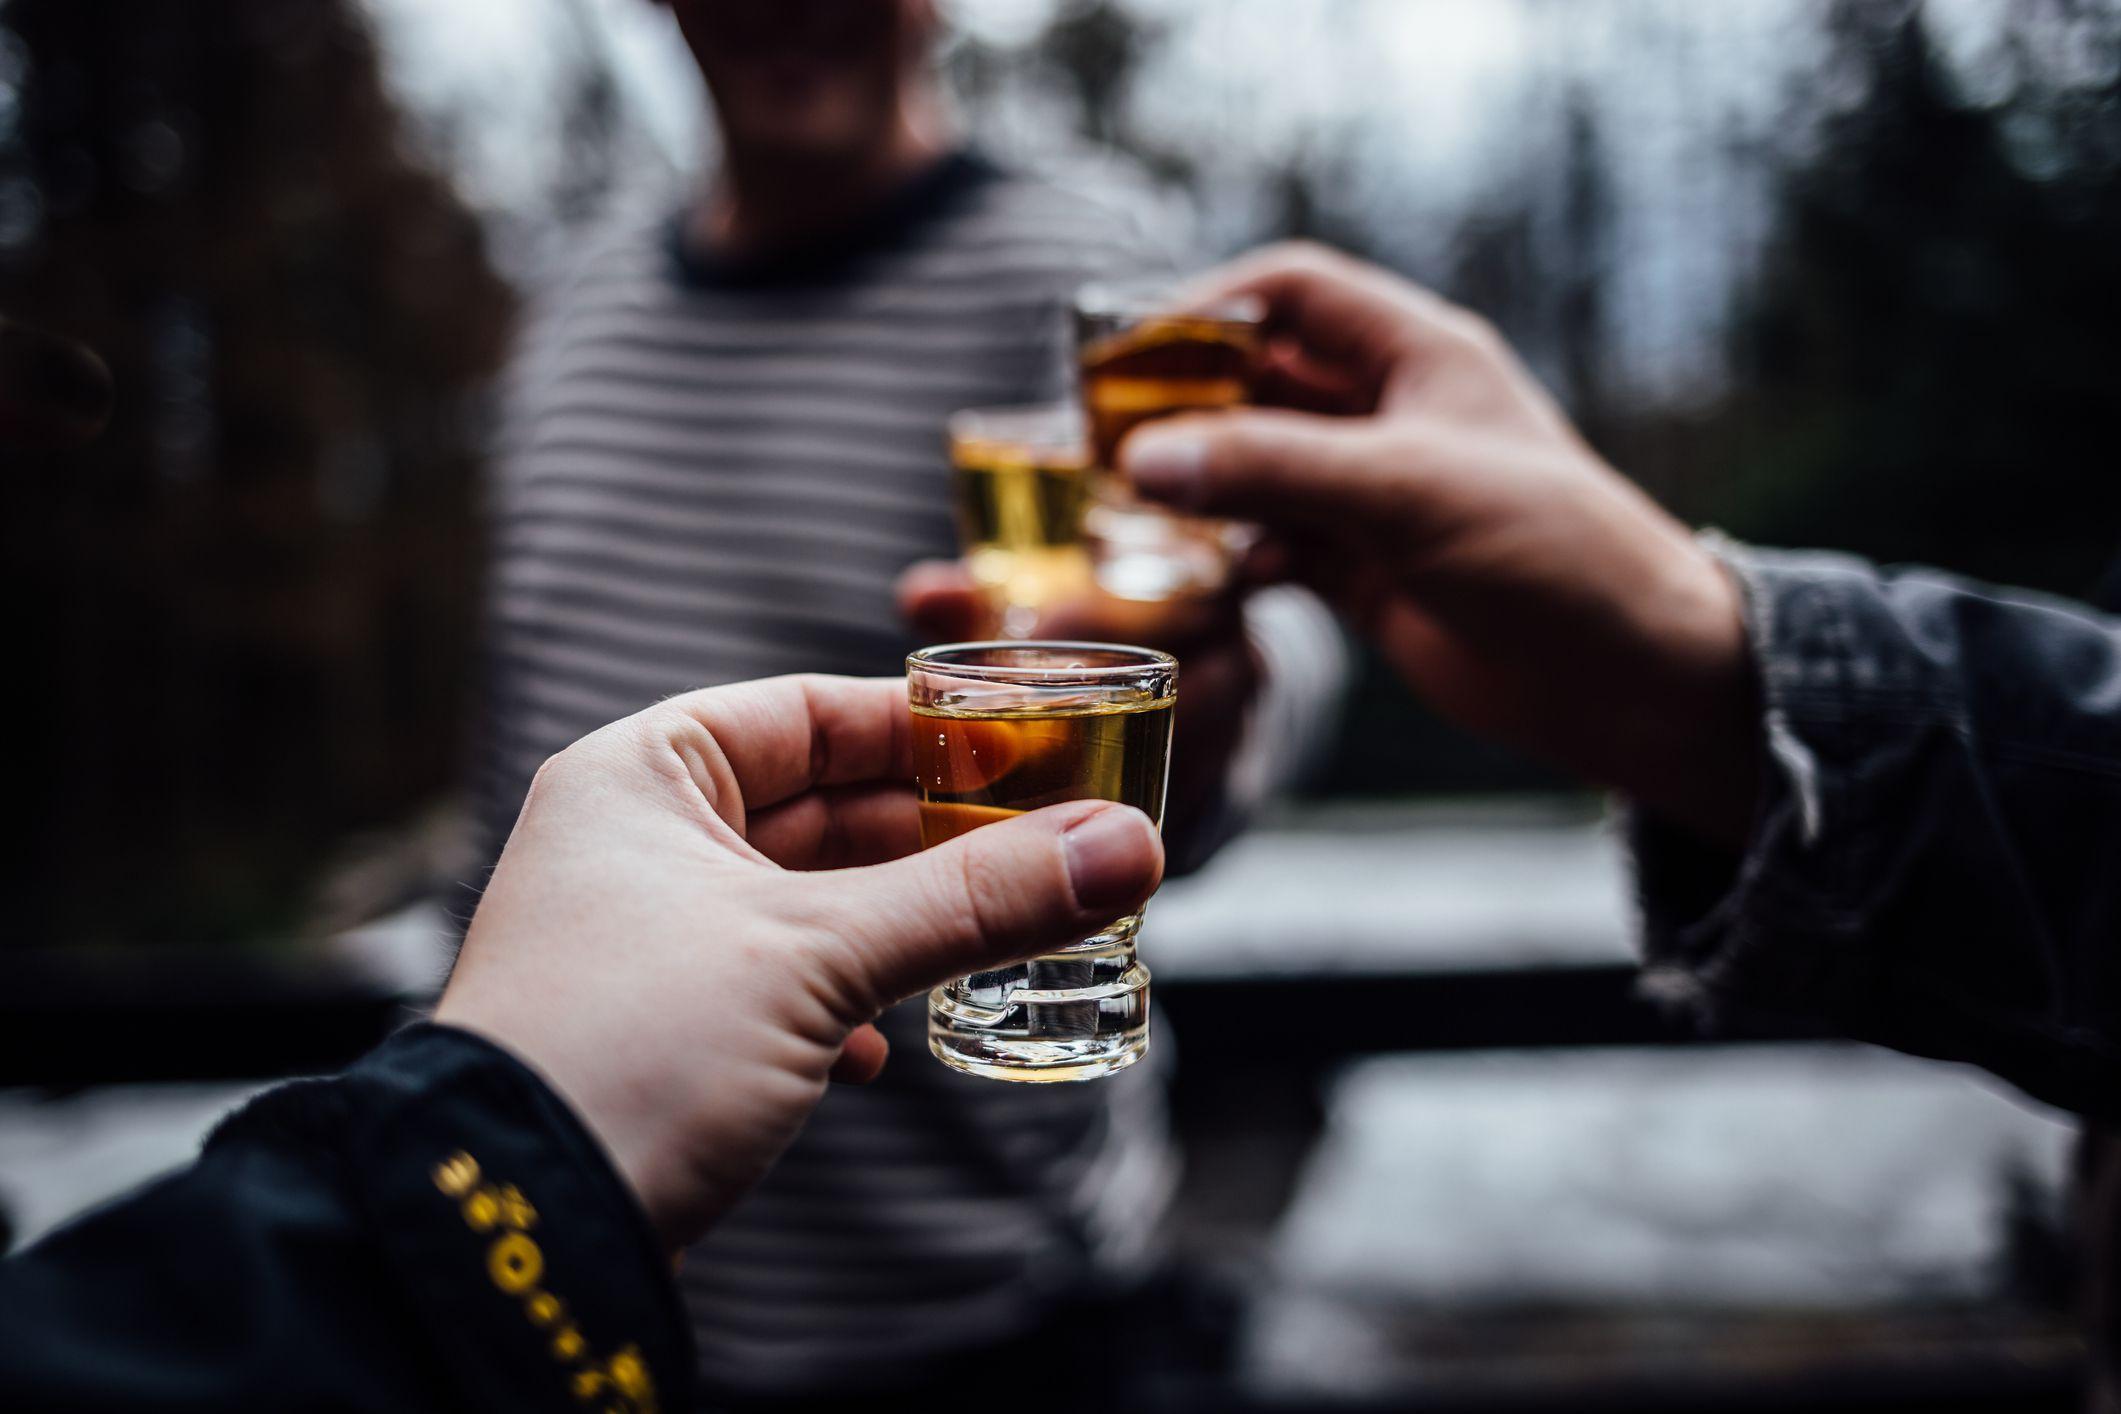 هل يسبب شرب الكحول العنف - استهلاك الكحول يسبب العدوانية والسلوك العدواني - العواقب السلبية المحتملة للدخول في معركة كلامية أو جسدية